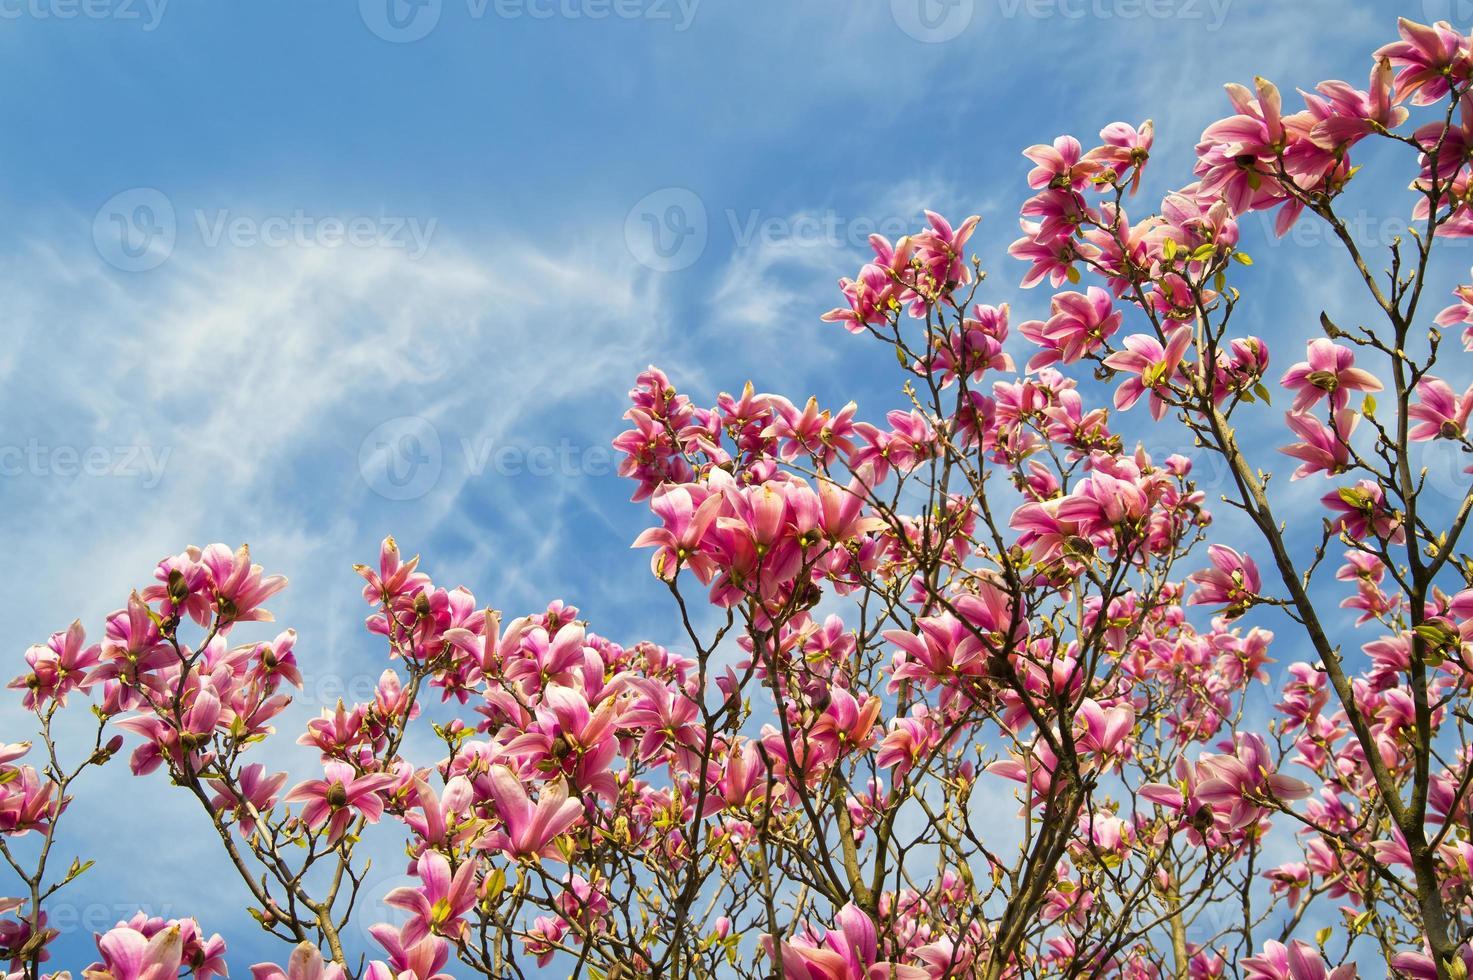 Magnolias roses sur ciel bleu photo